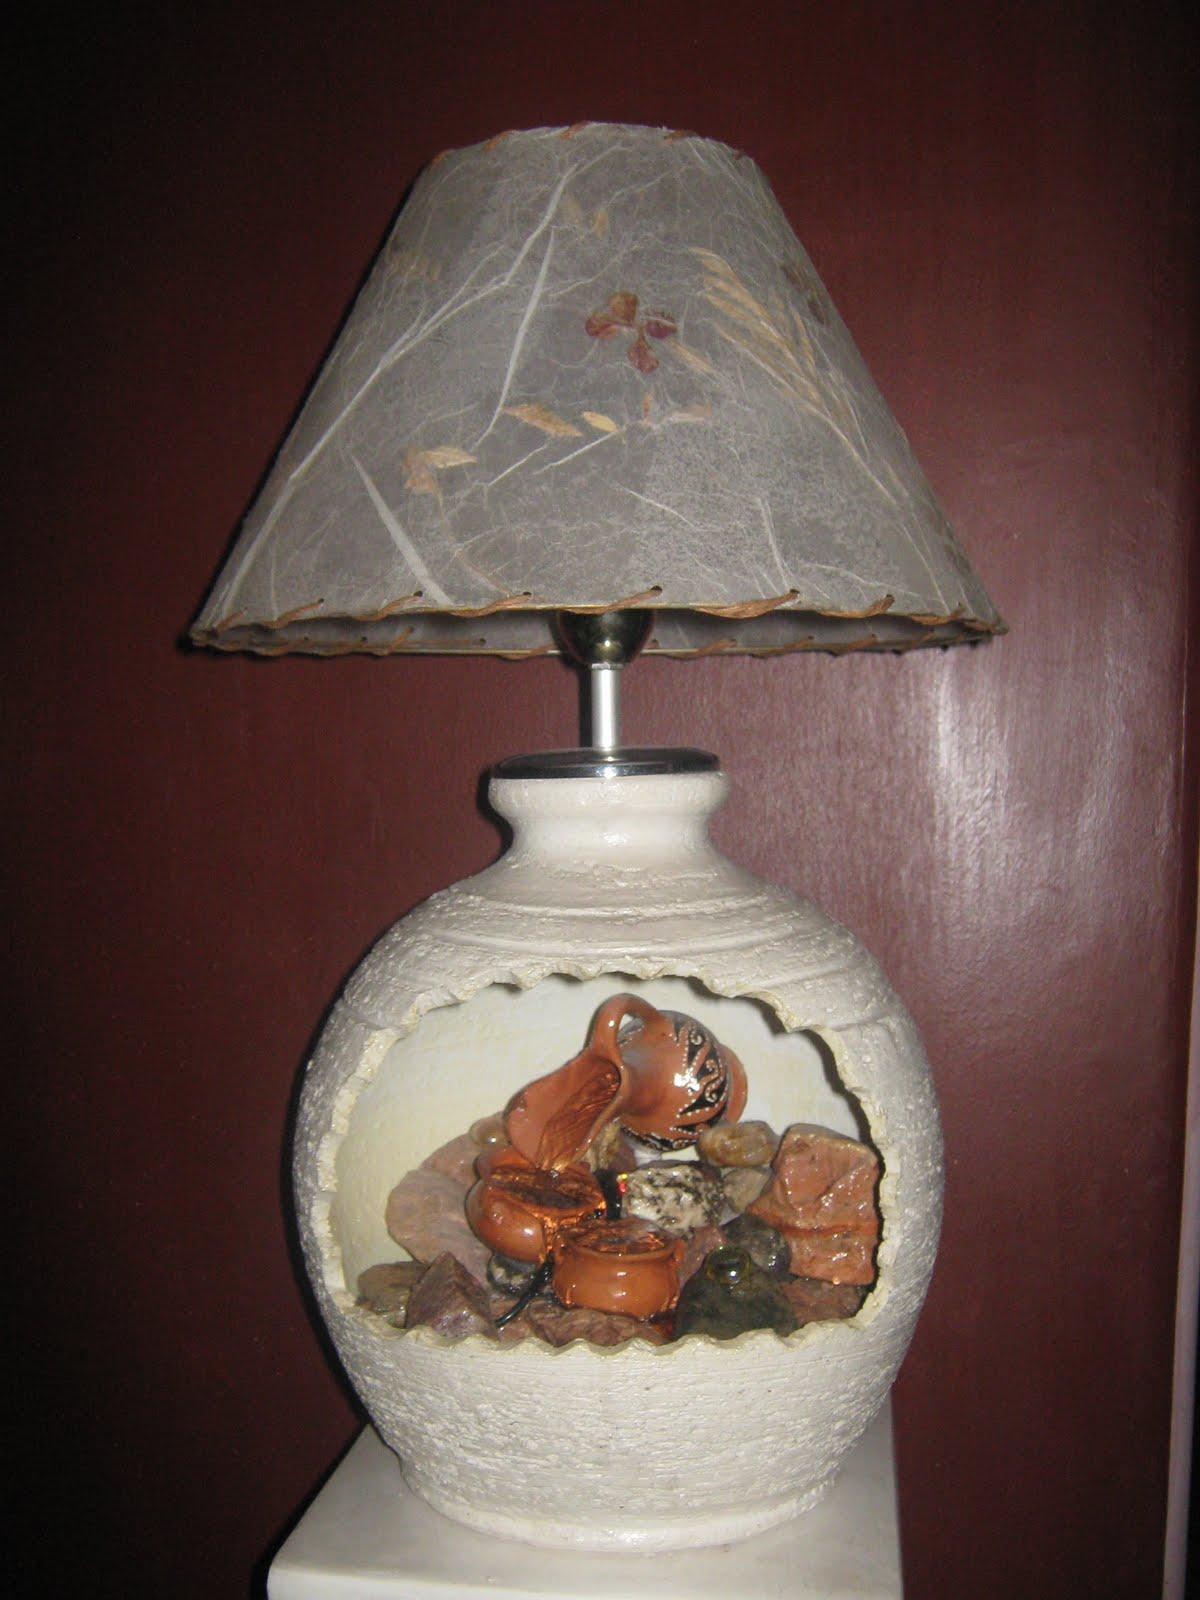 Artesan as did cticas lamparas y fuentes de agua - Lamparas y apliques de pared ...